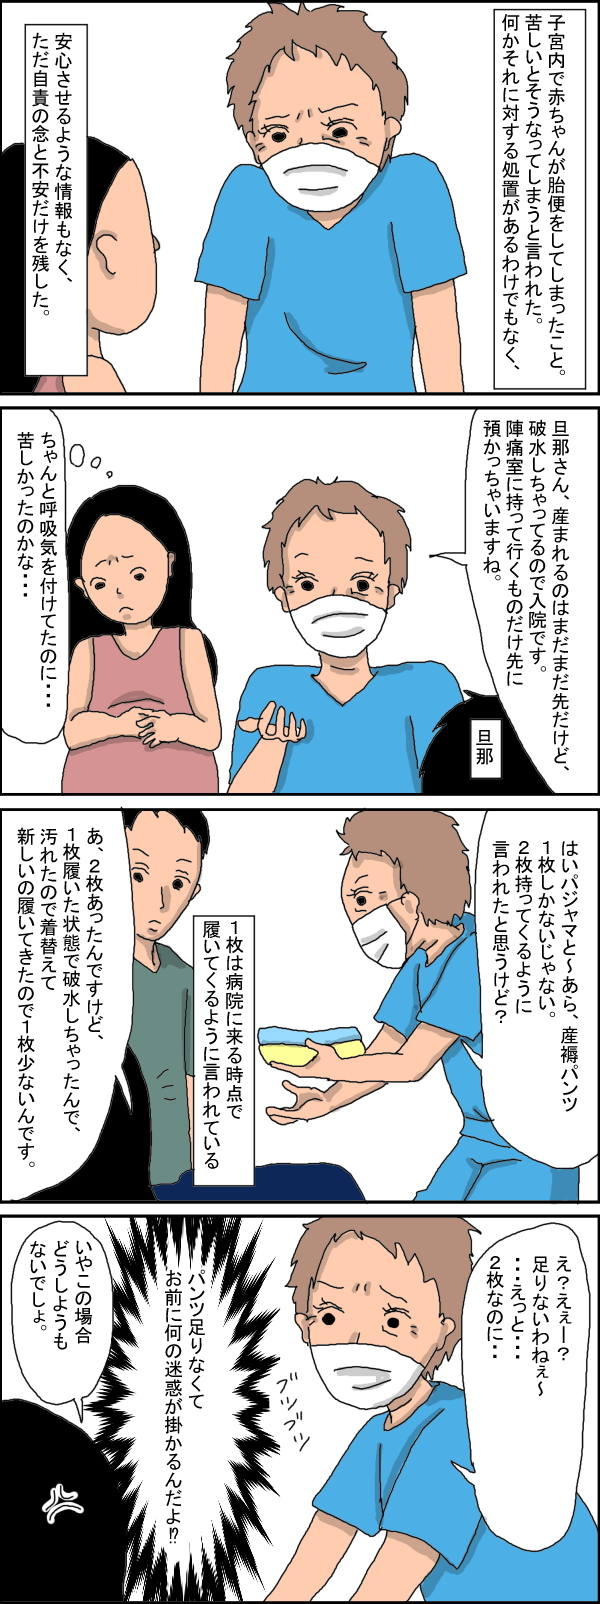 助産士さんの説明